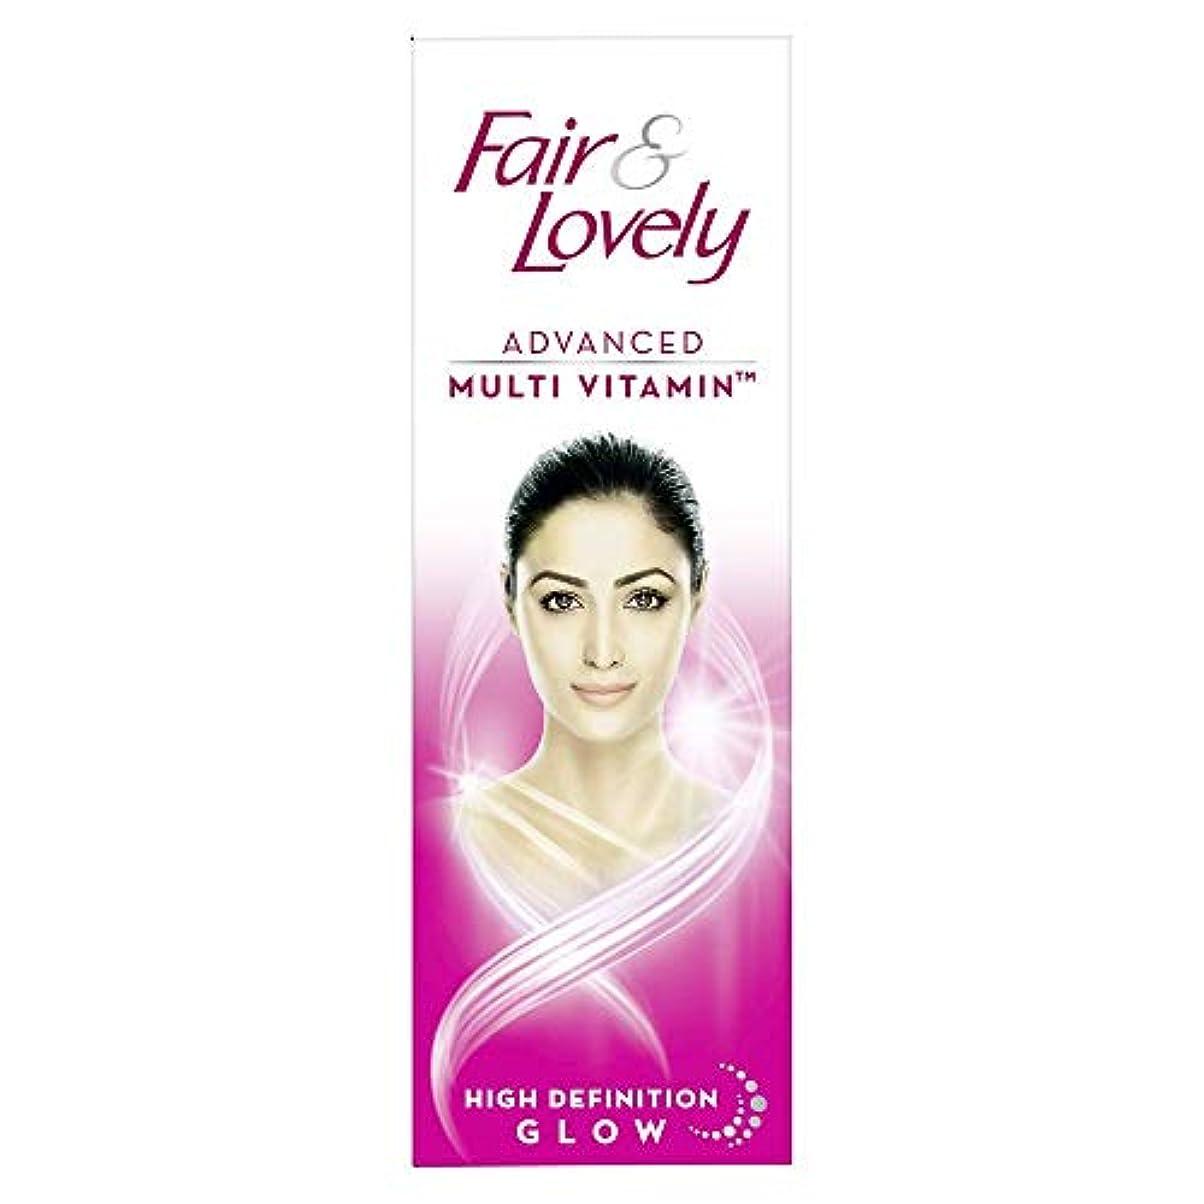 Fair and Lovely Advanced Multi Vitamin Face Cream, 50g